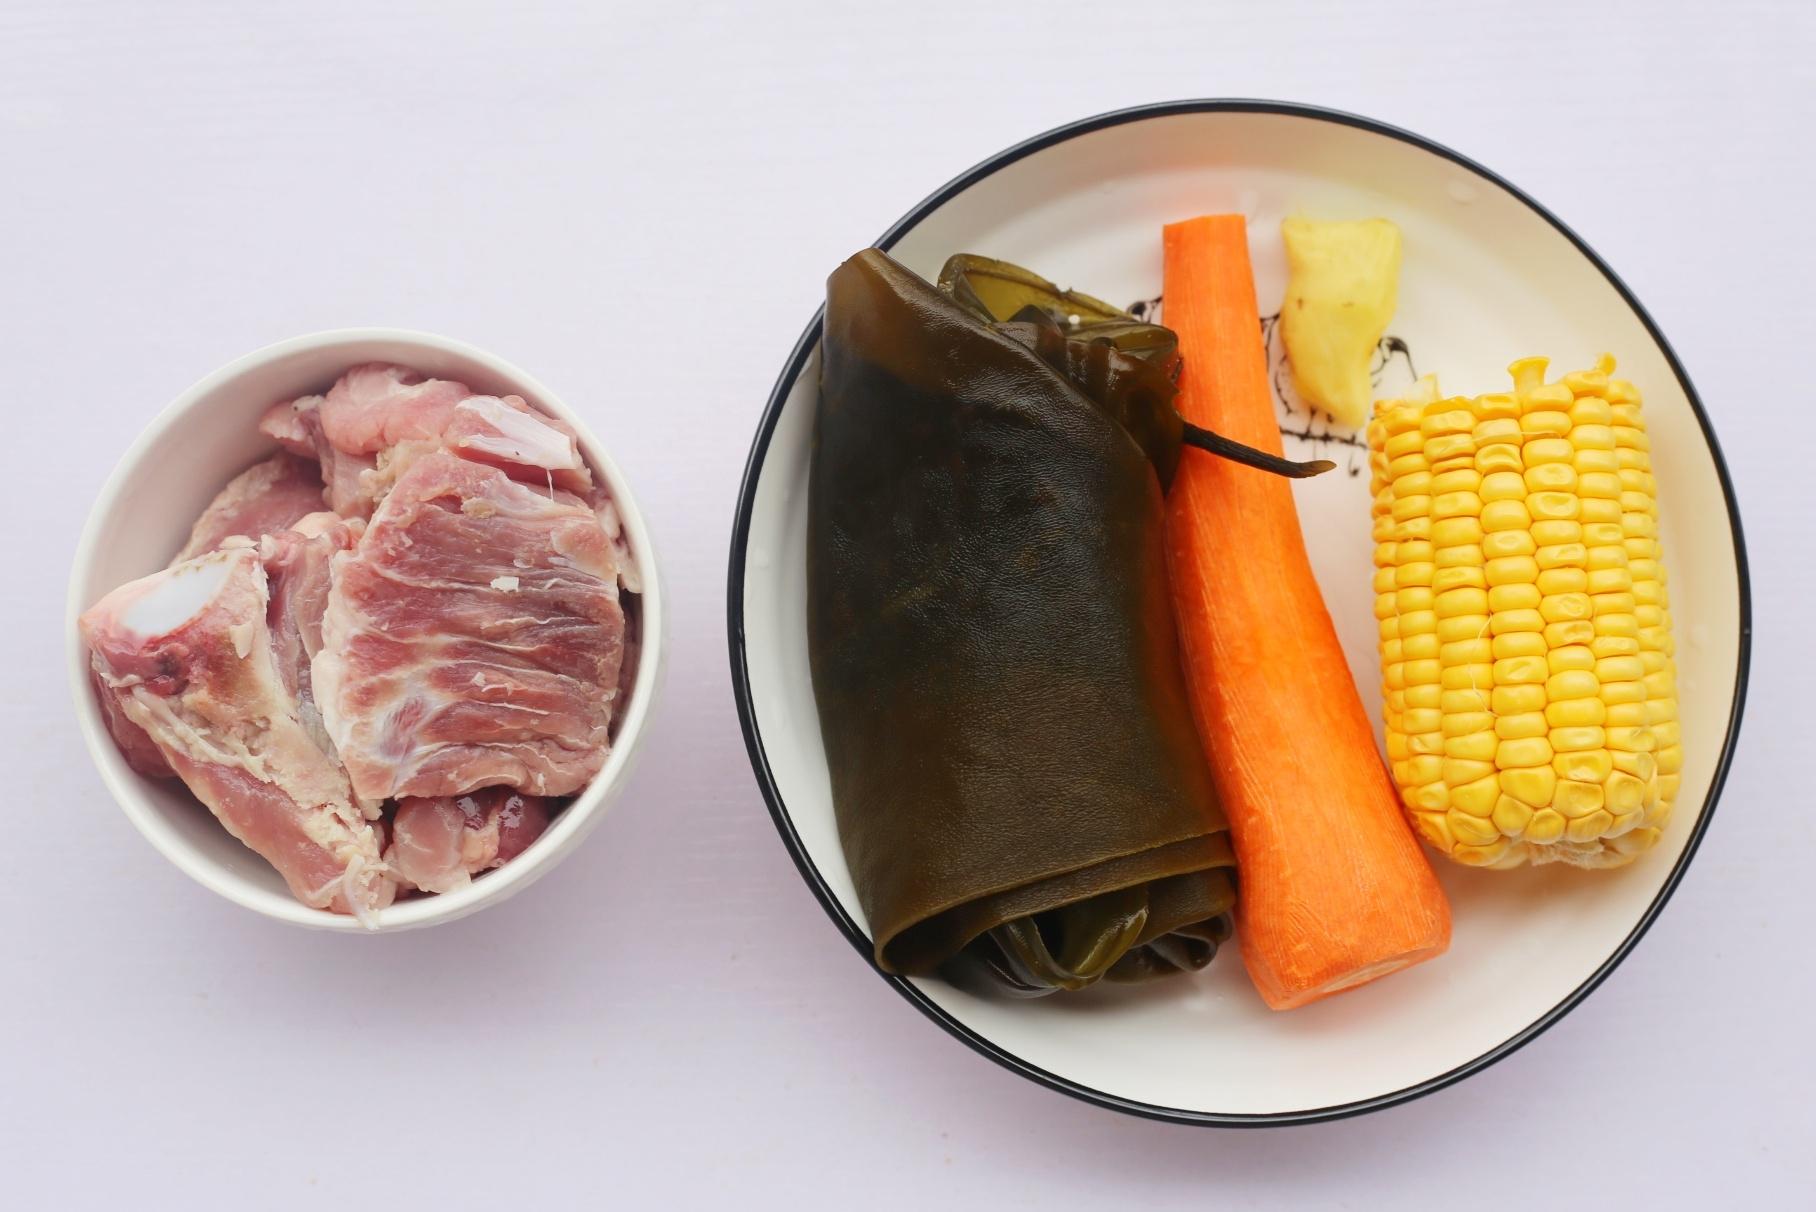 玉米海带筒骨汤,准备材料</p> <p>①猪筒骨??? 400g</p> <p>②海带???? 1根</p> <p>③胡萝卜? 1根</p> <p>④玉米???? 大半根</p> <p>⑤姜????????? 3片</p> <p>⑥食盐??? 适量